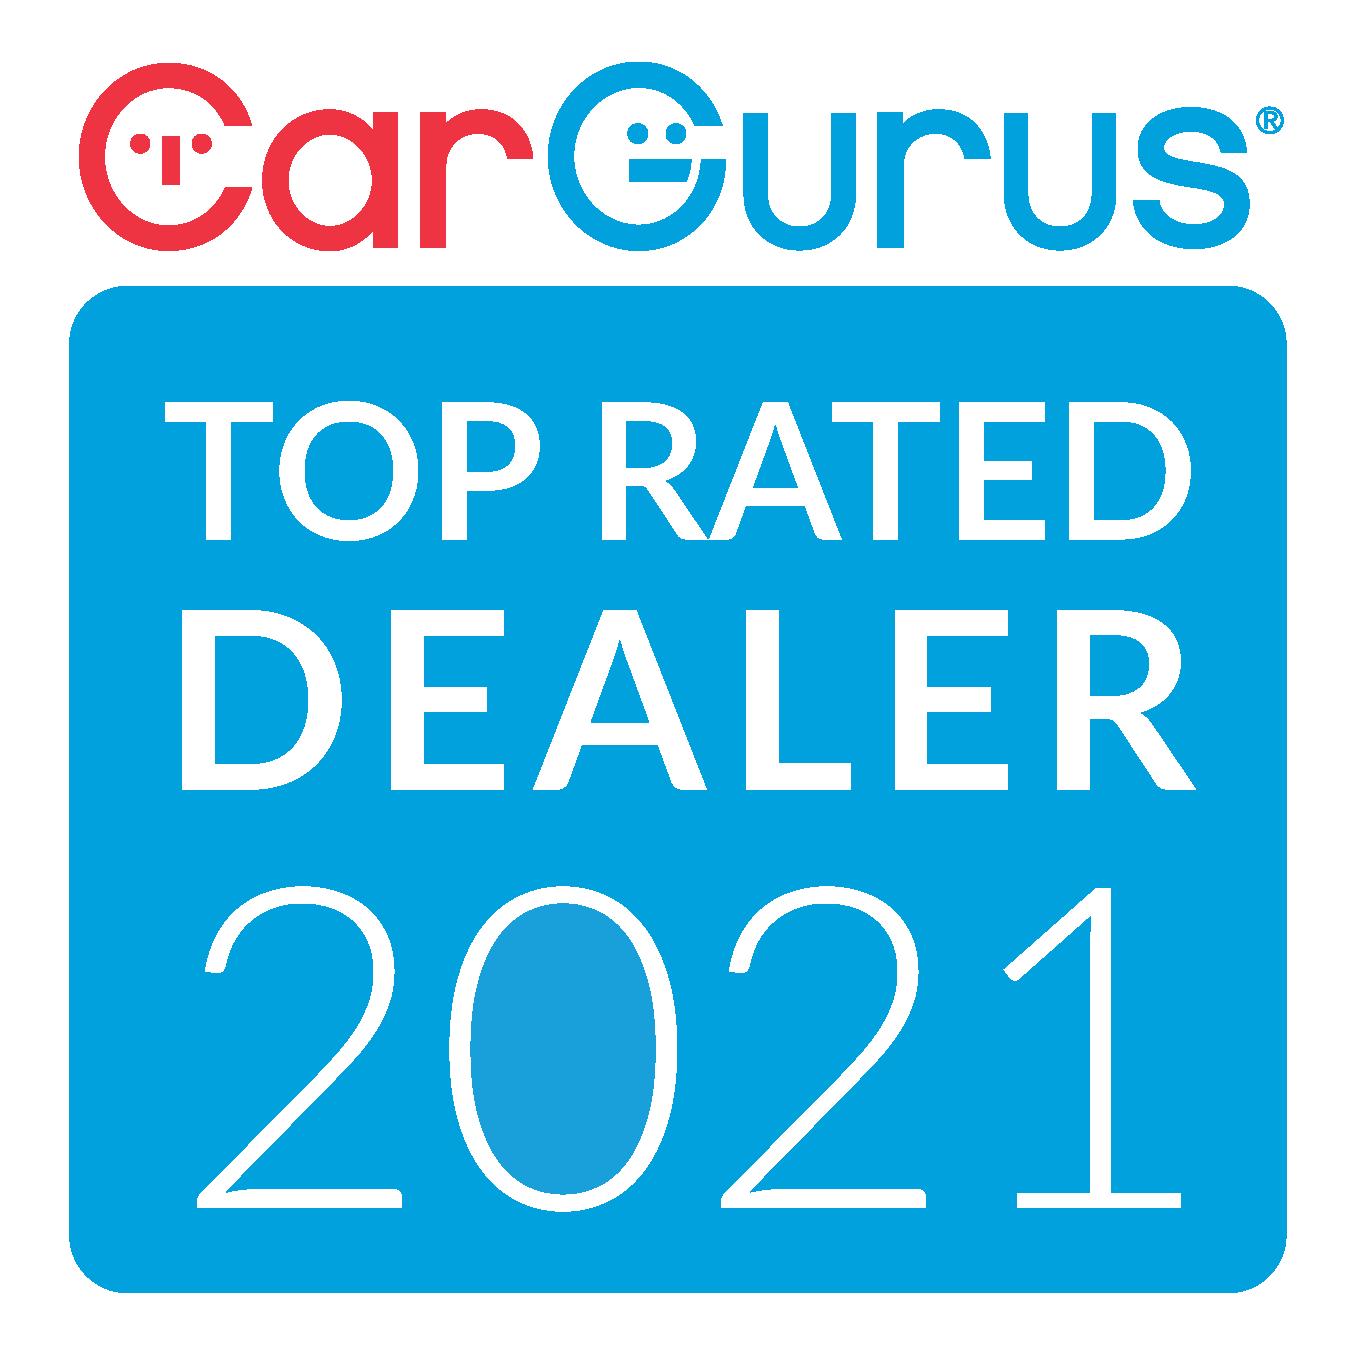 CarGurus Top Rated Dealer 2021 Award